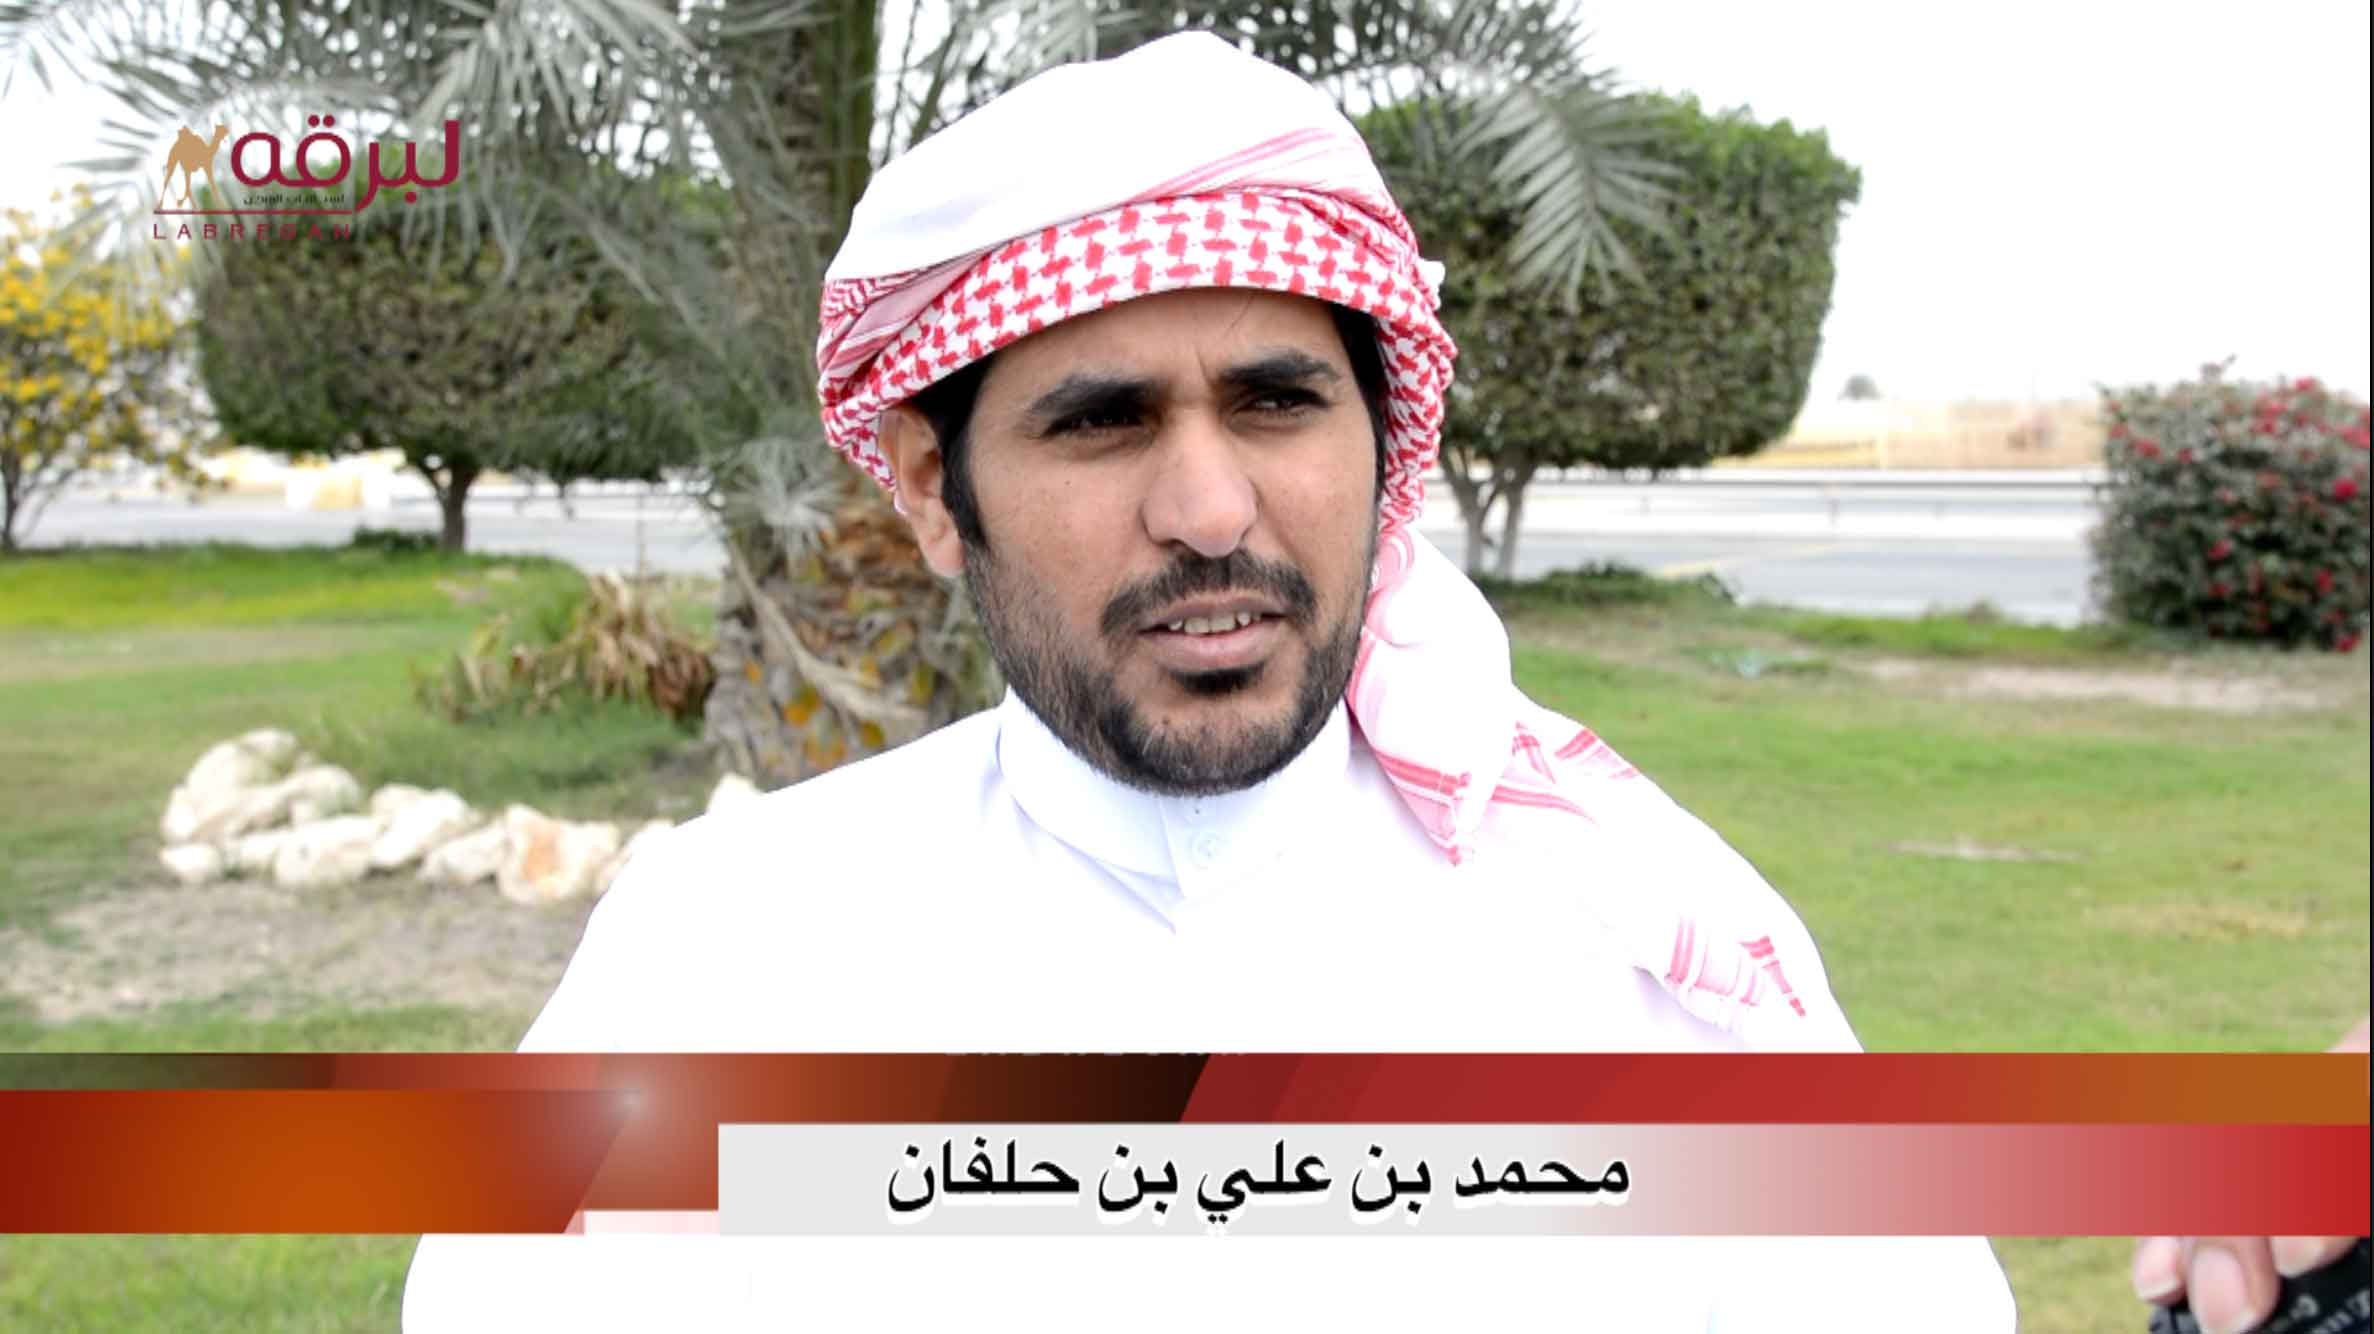 لقاء مع محمد بن علي بن حلفان.. الشوط الرئيسي حيل « مفتوح » الأشواط العامة  ٢٠-٢-٢٠٢١